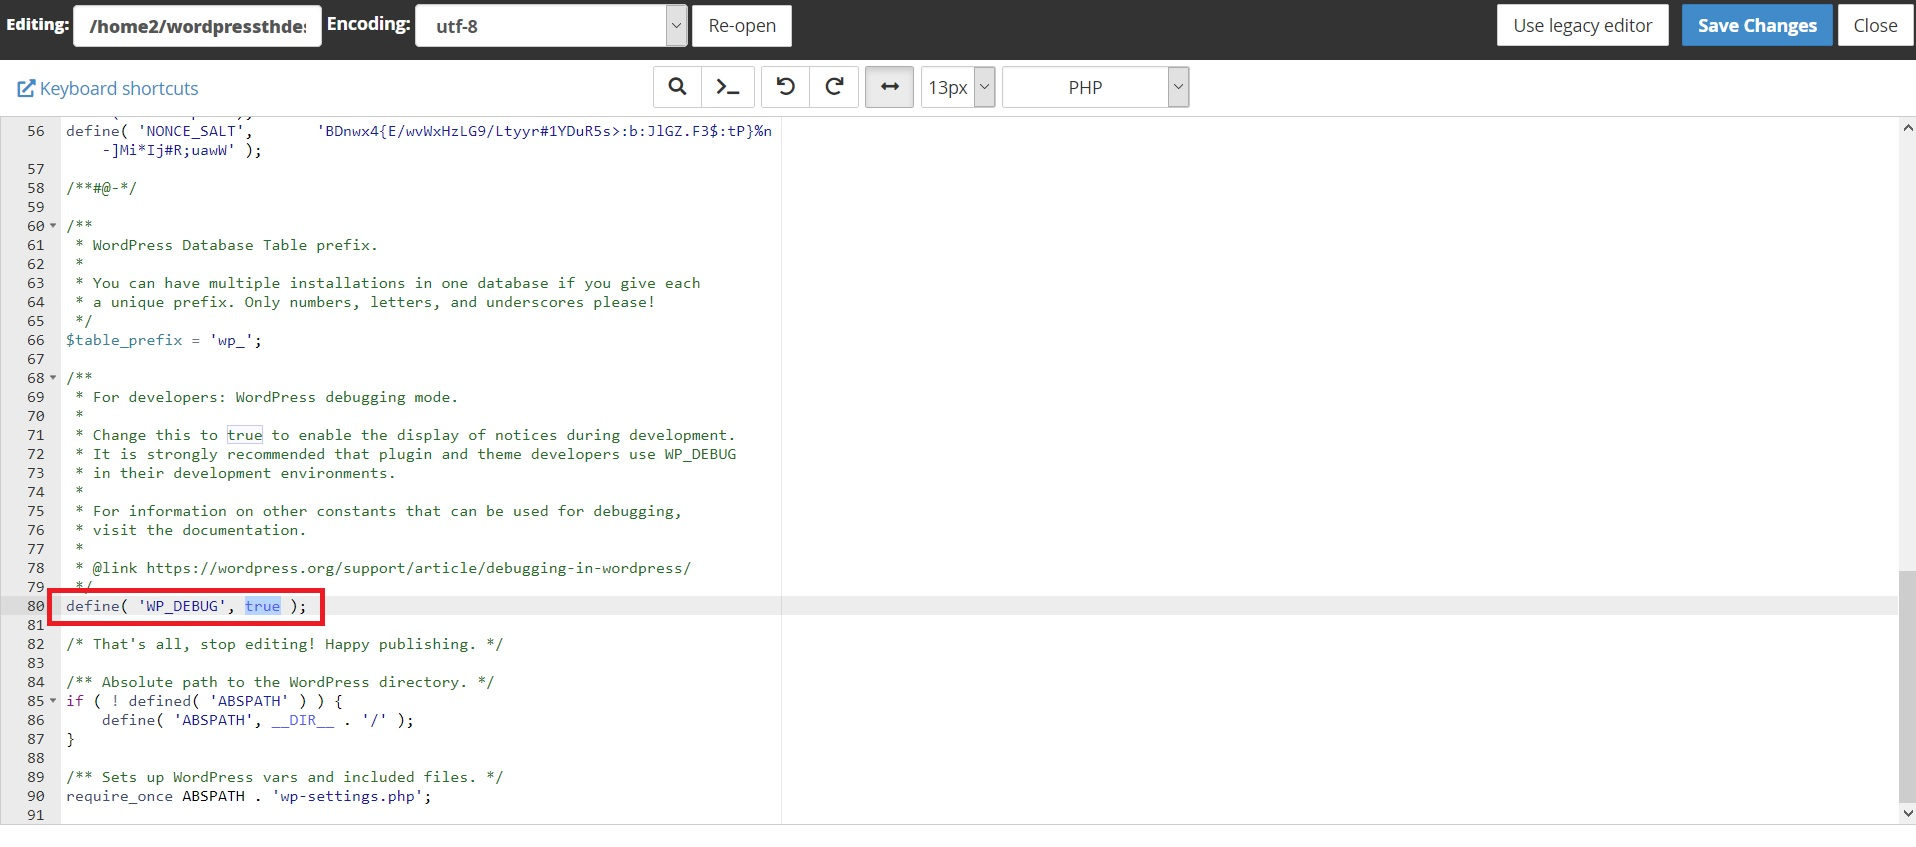 رفع مشکل صفحه سفید وردپرس با فعال کردن نمایش خطا